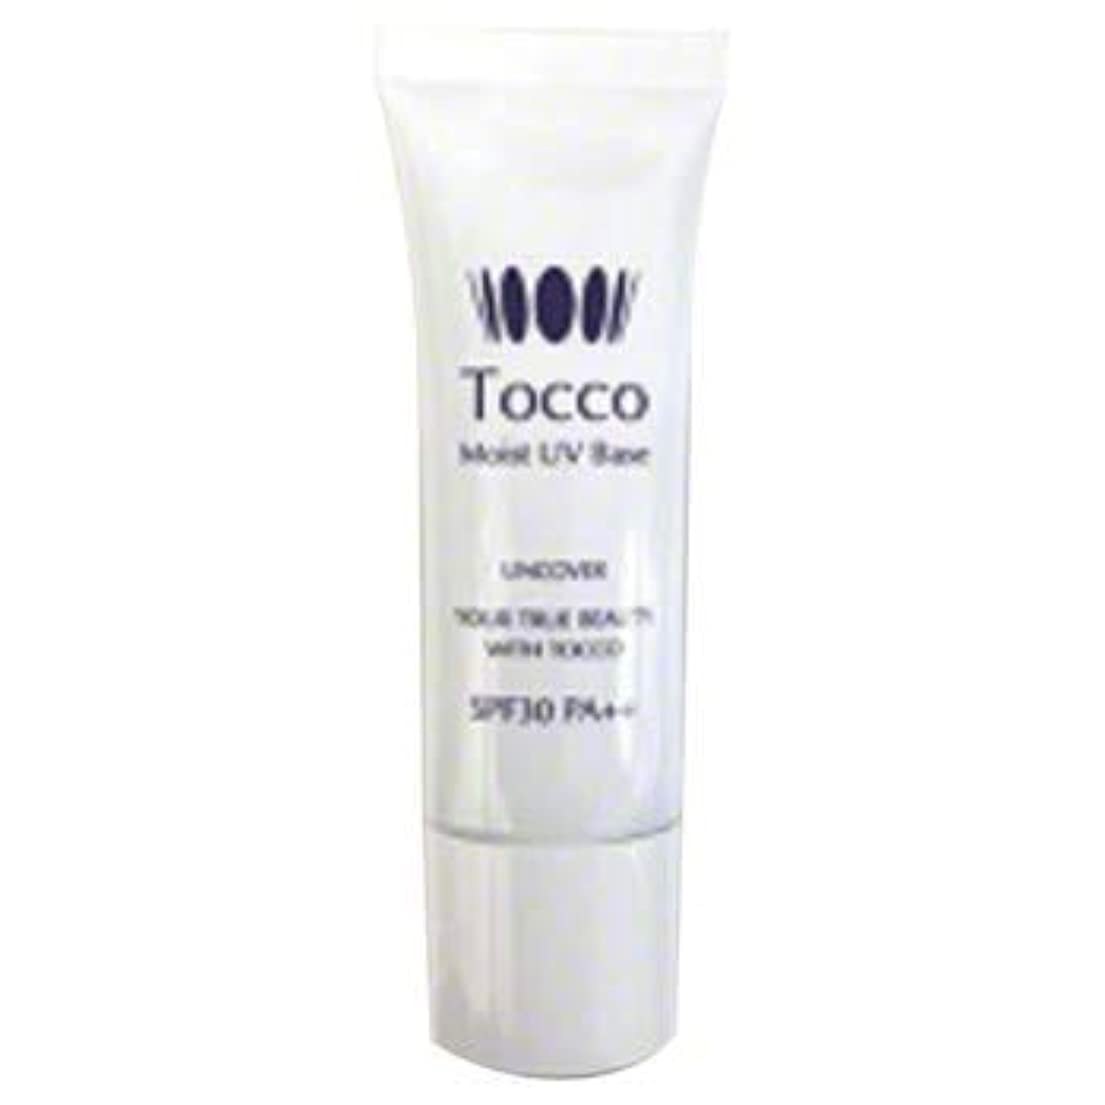 同化する動結論Tocco(トッコ)モイストUVベース 30g